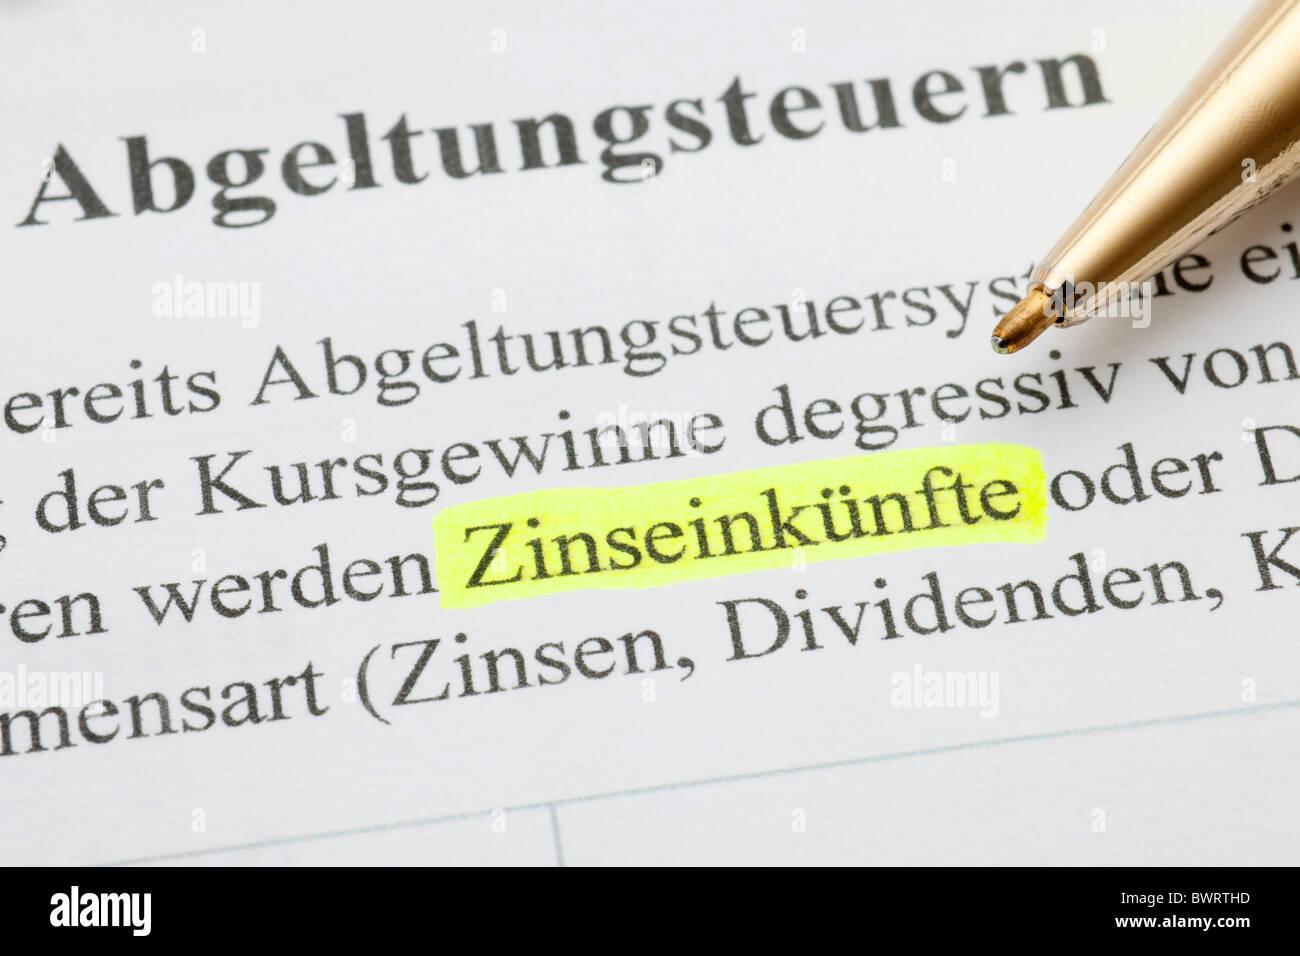 Kapitalertraege, tedesco per il reddito da interessi Immagini Stock